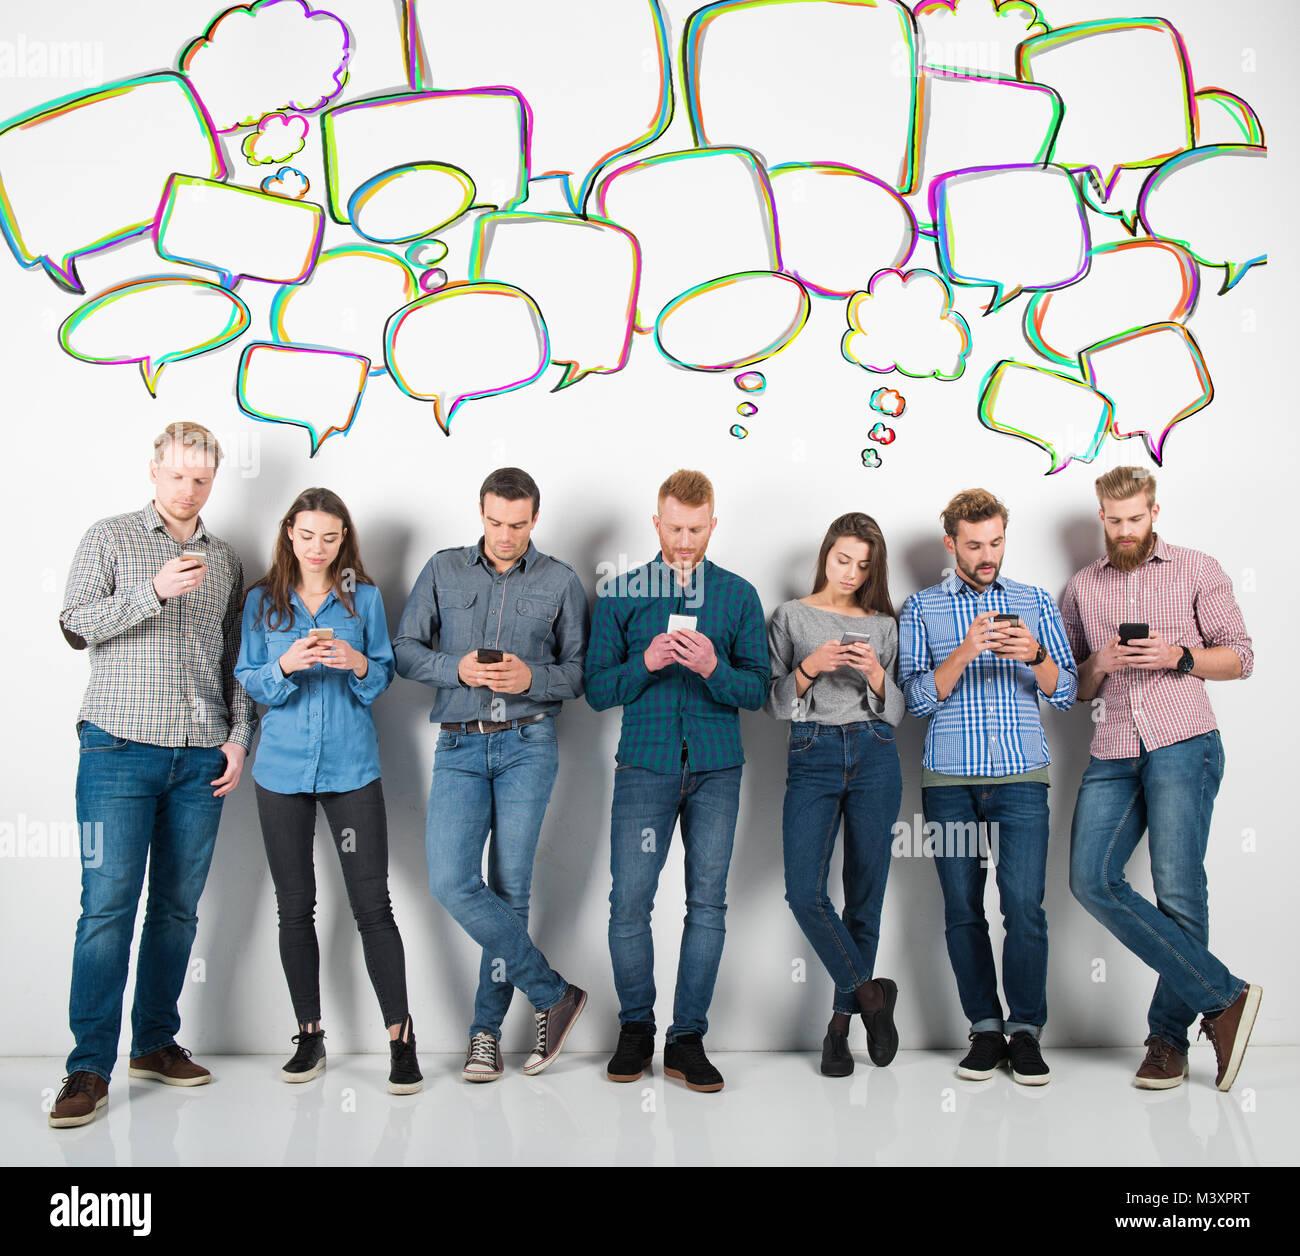 Grupo de niños y niñas vinculadas con sus smartphones. Concepto de internet y de las redes sociales Imagen De Stock